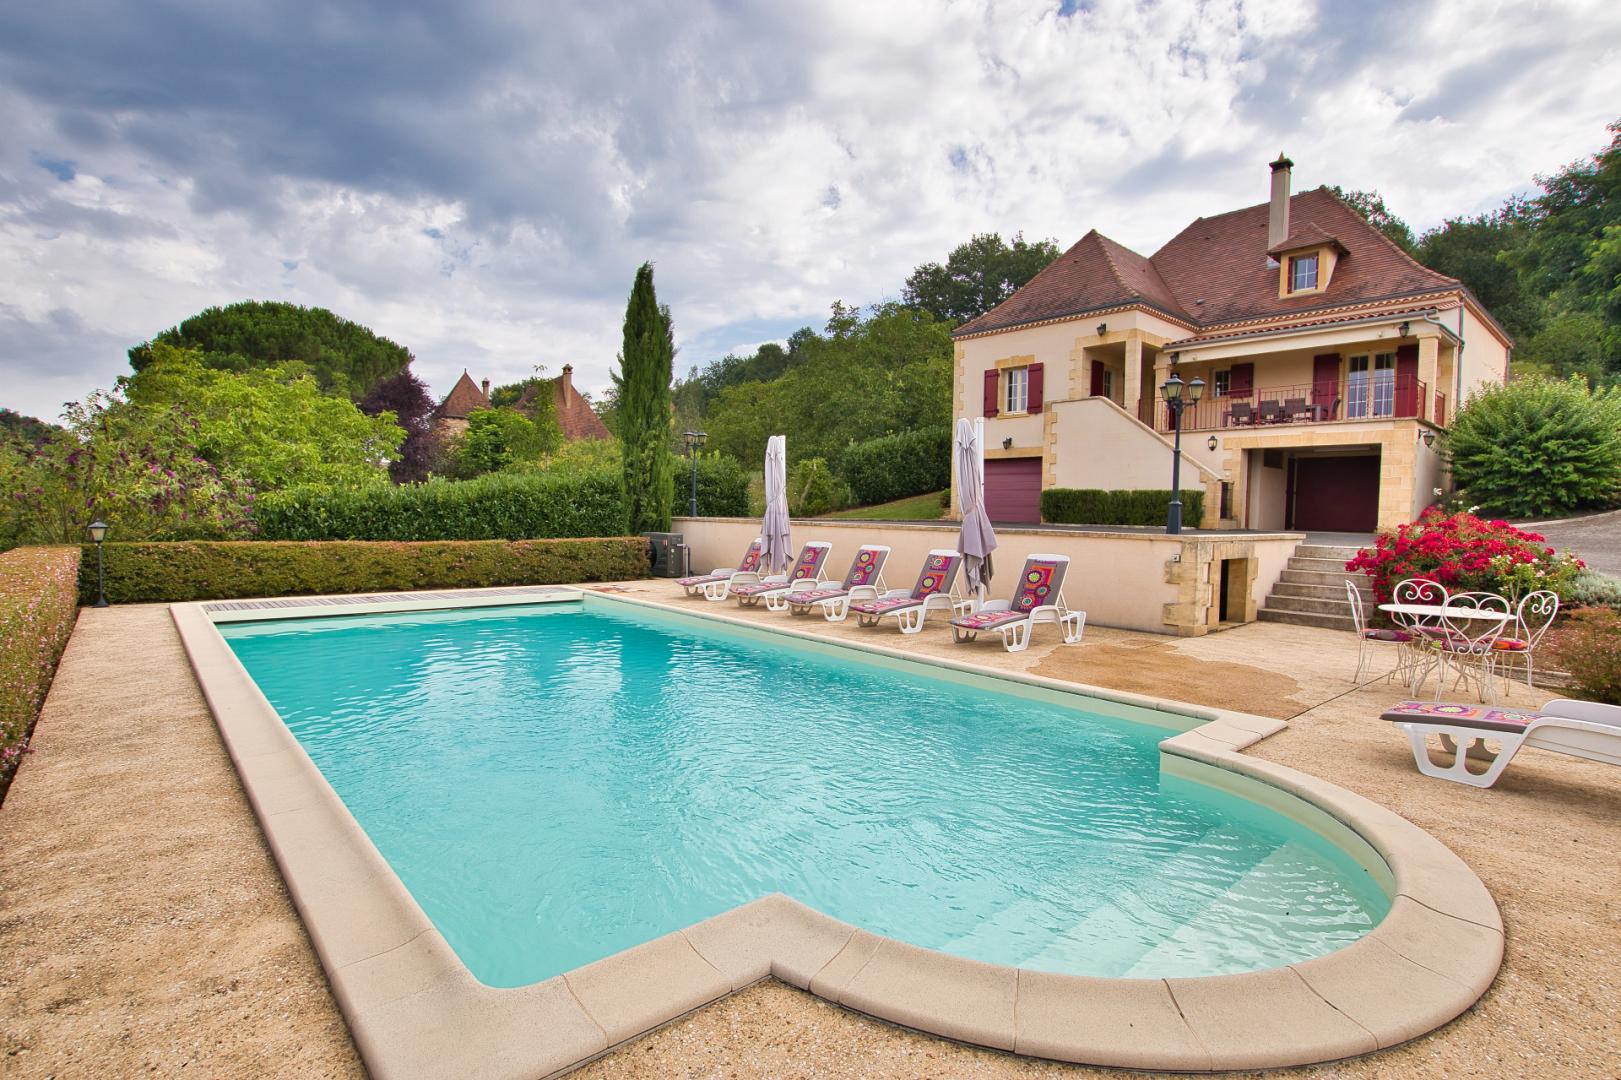 Sud Sarlat - Maison contemporaine en parfait état avec piscine et très belle vue - proche commodités